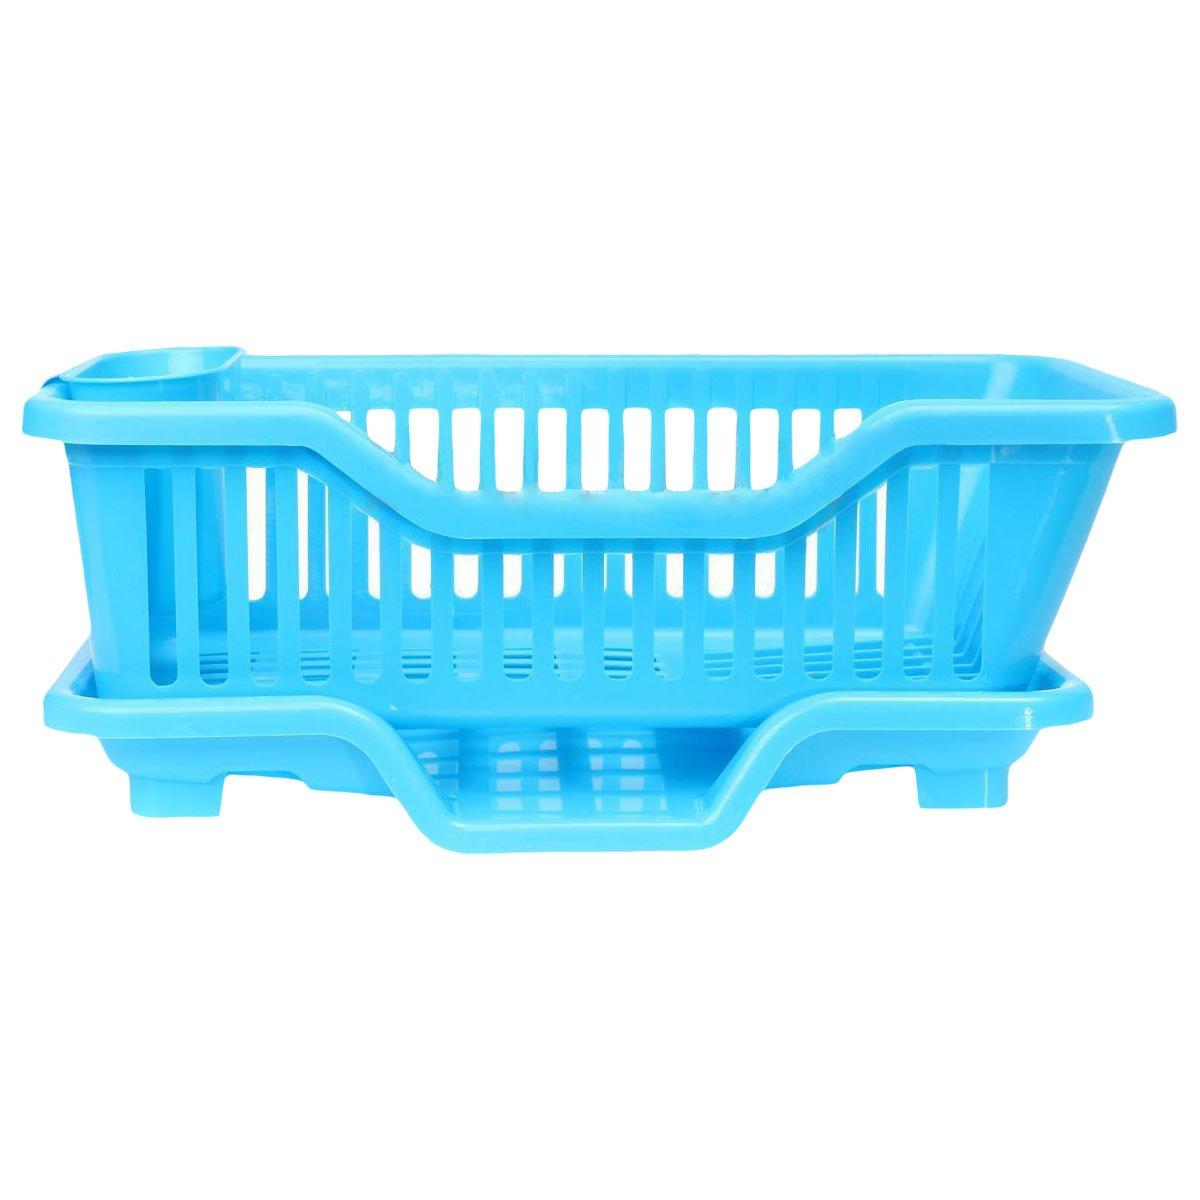 Amazon.com: TOOGOO Kitchen Sink Dish Plate Utensil Drainer Drying ...